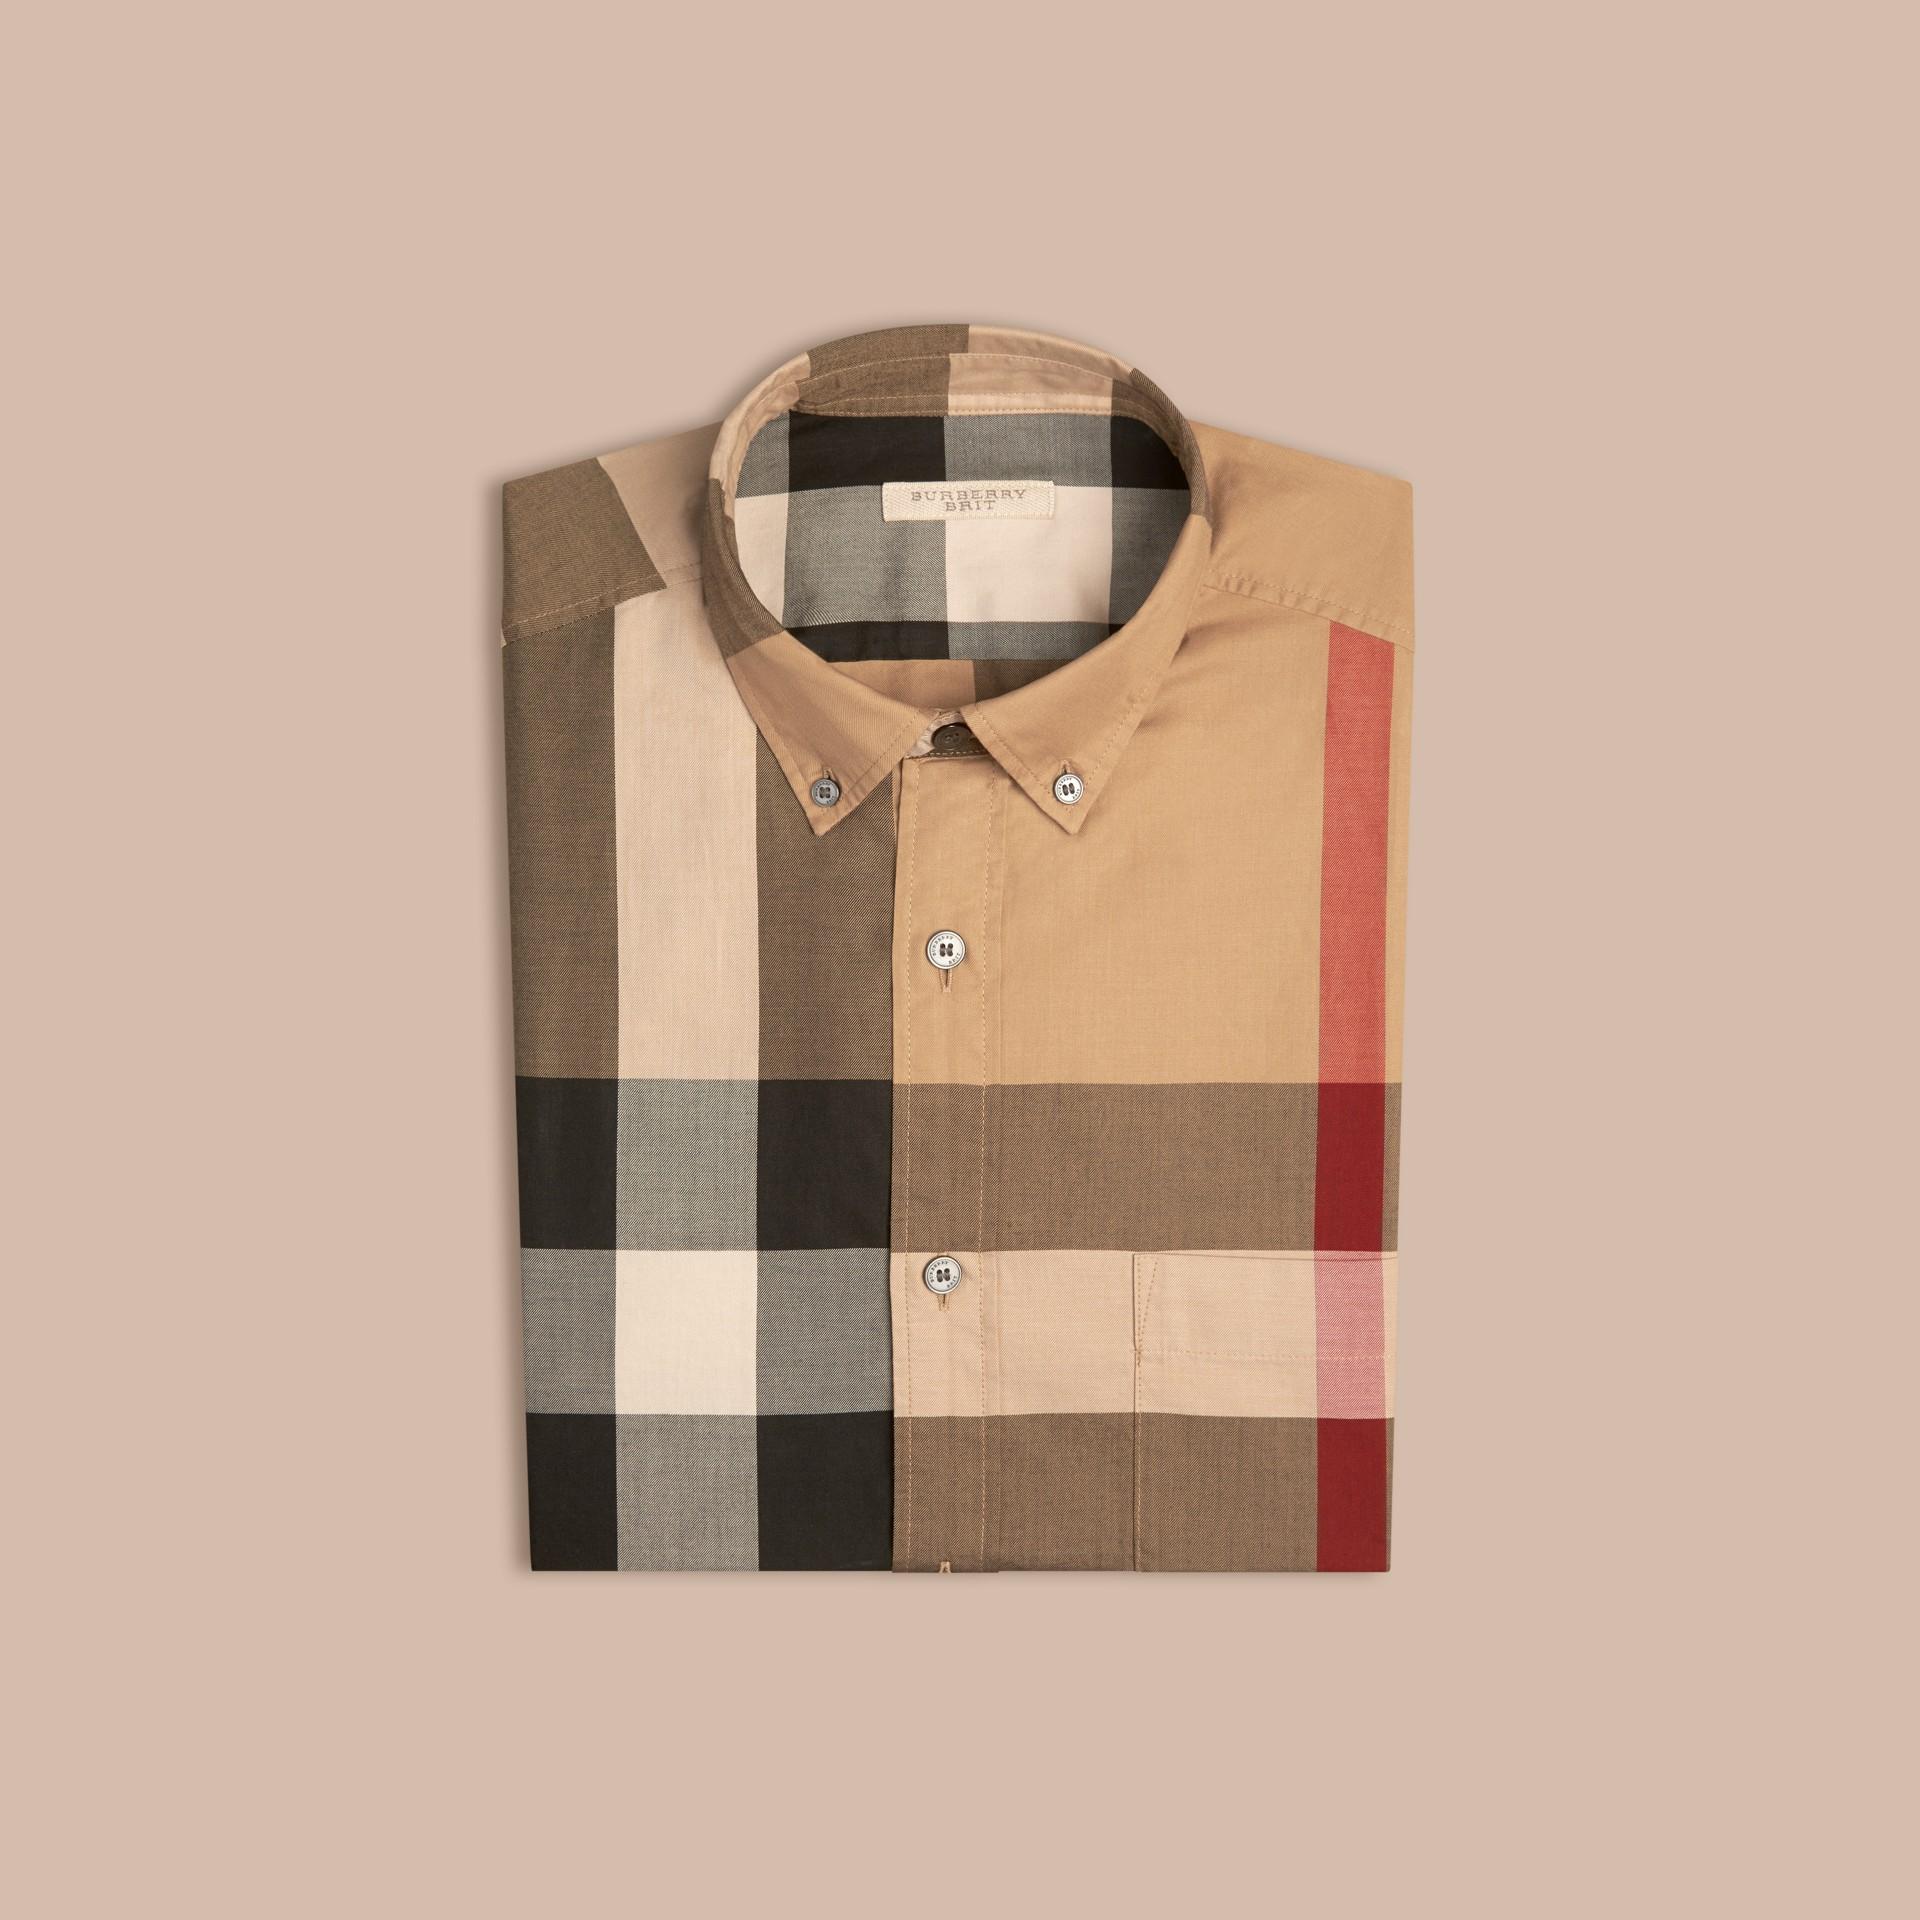 Camelfarben Baumwollhemd mit Check-Muster Camelfarben - Galerie-Bild 4